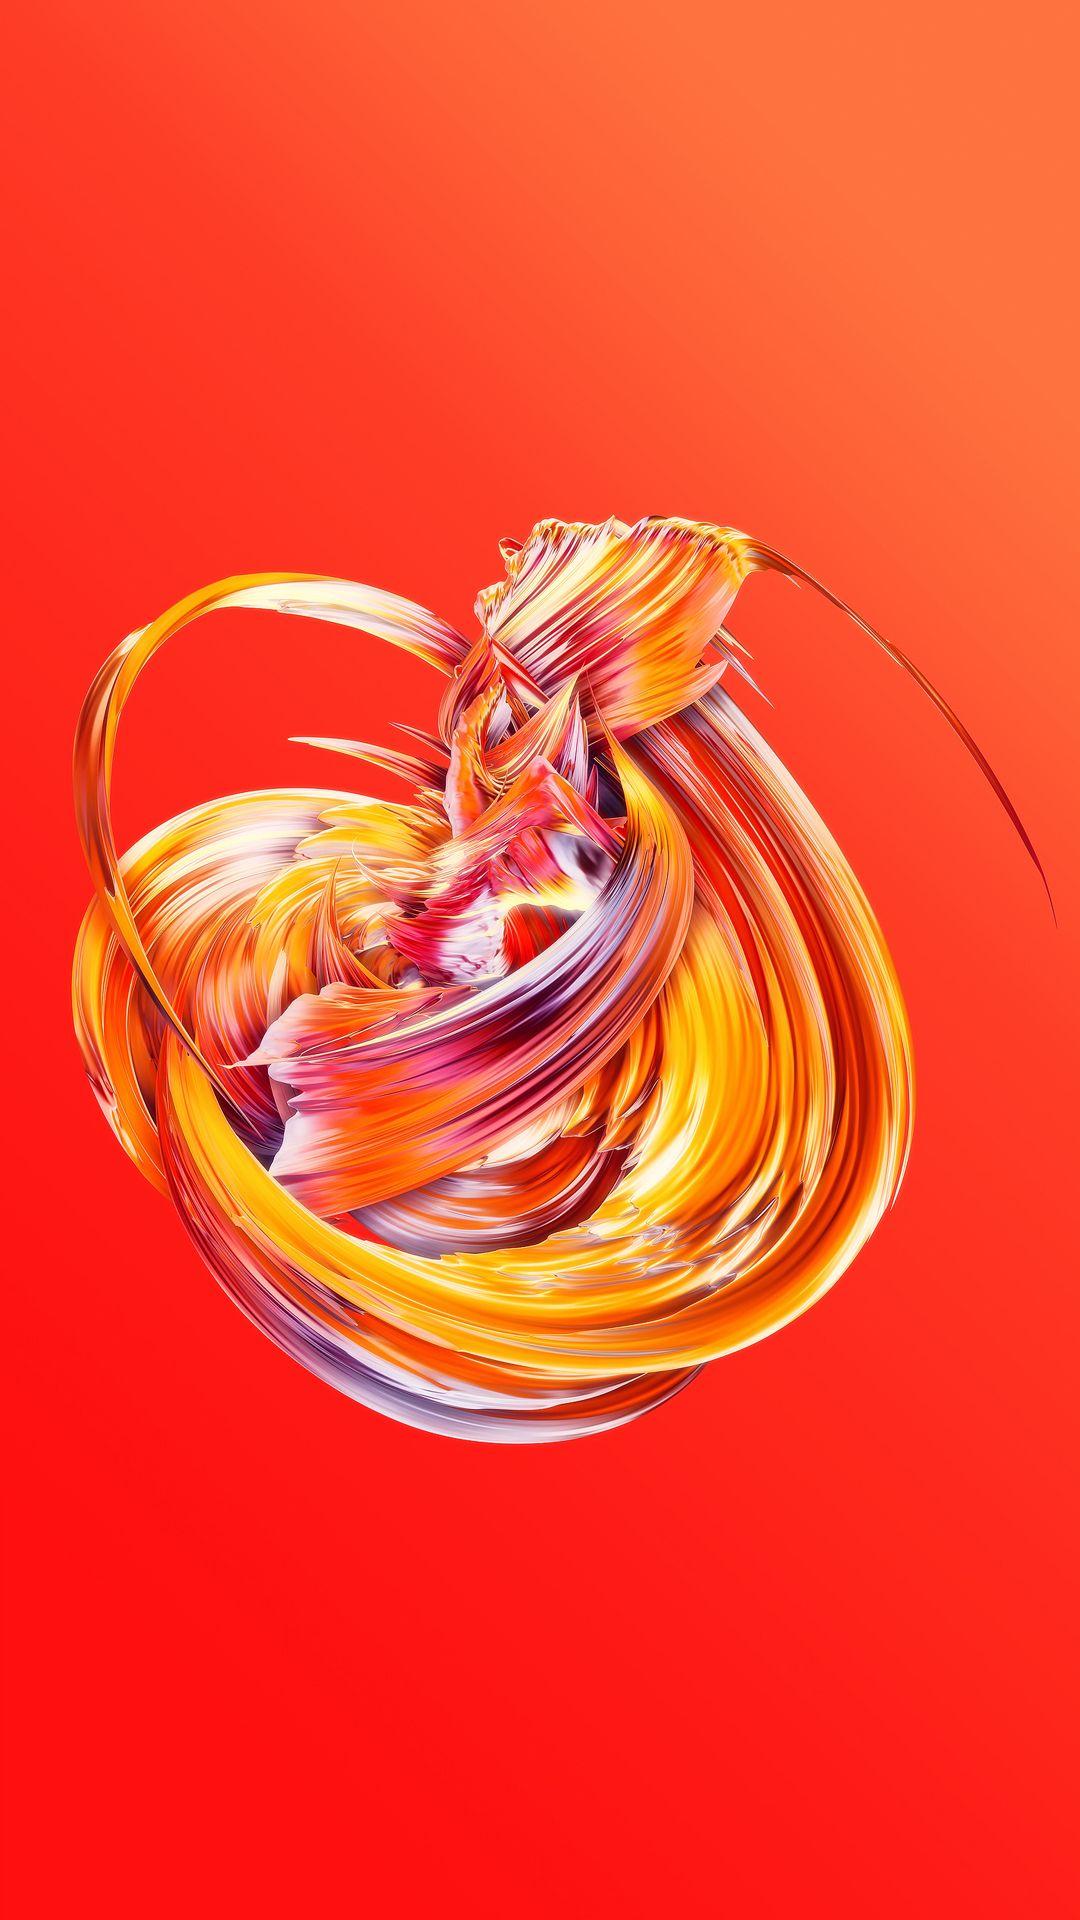 iPhone Wallpaper Cute High Resolution Freetemplate.xyz